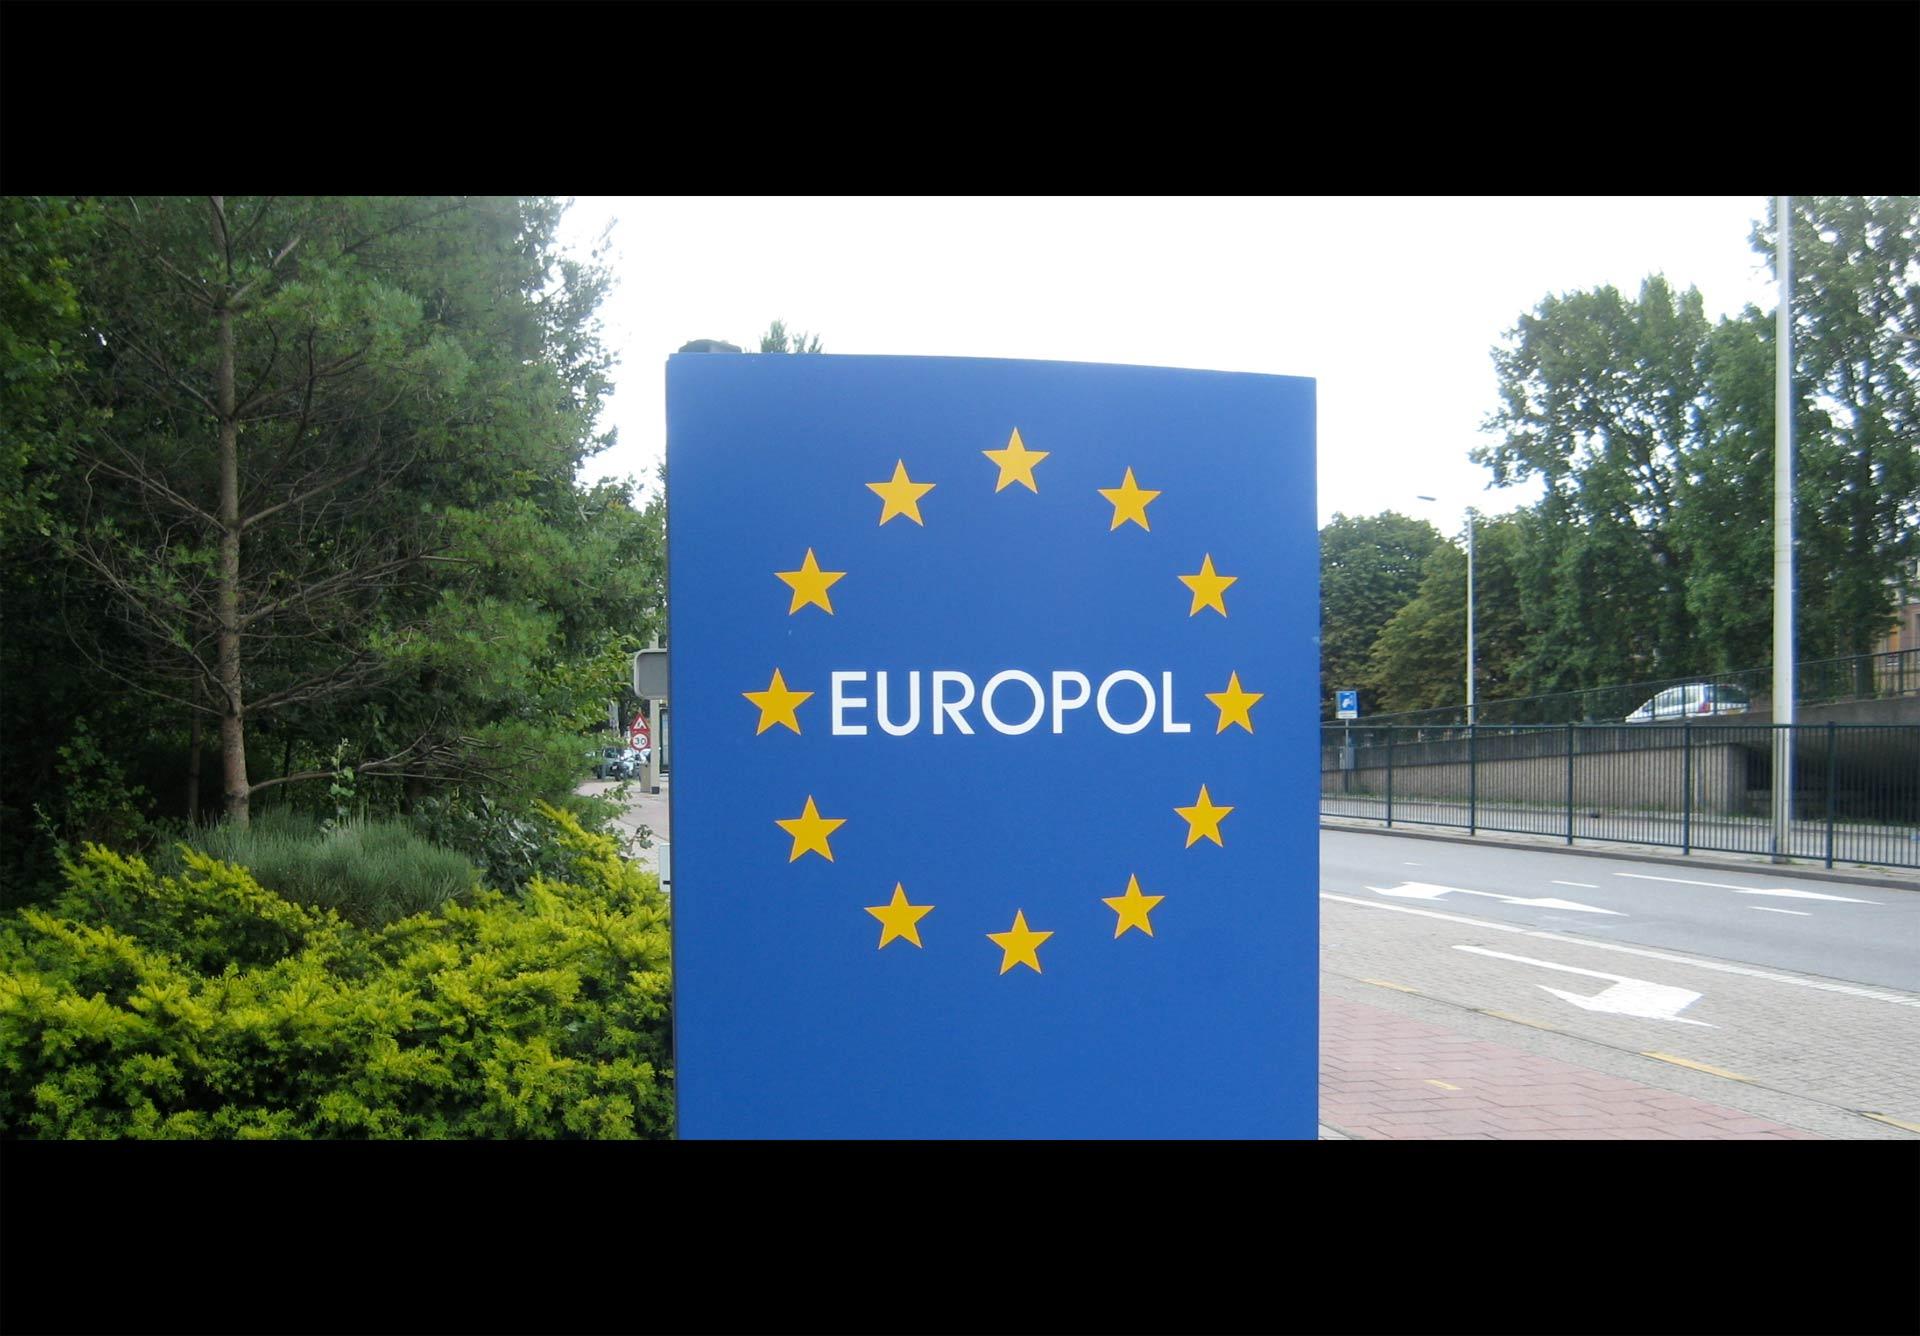 Según Europol, la conexión entre los más recientes atentados y grupos como el EI es débil